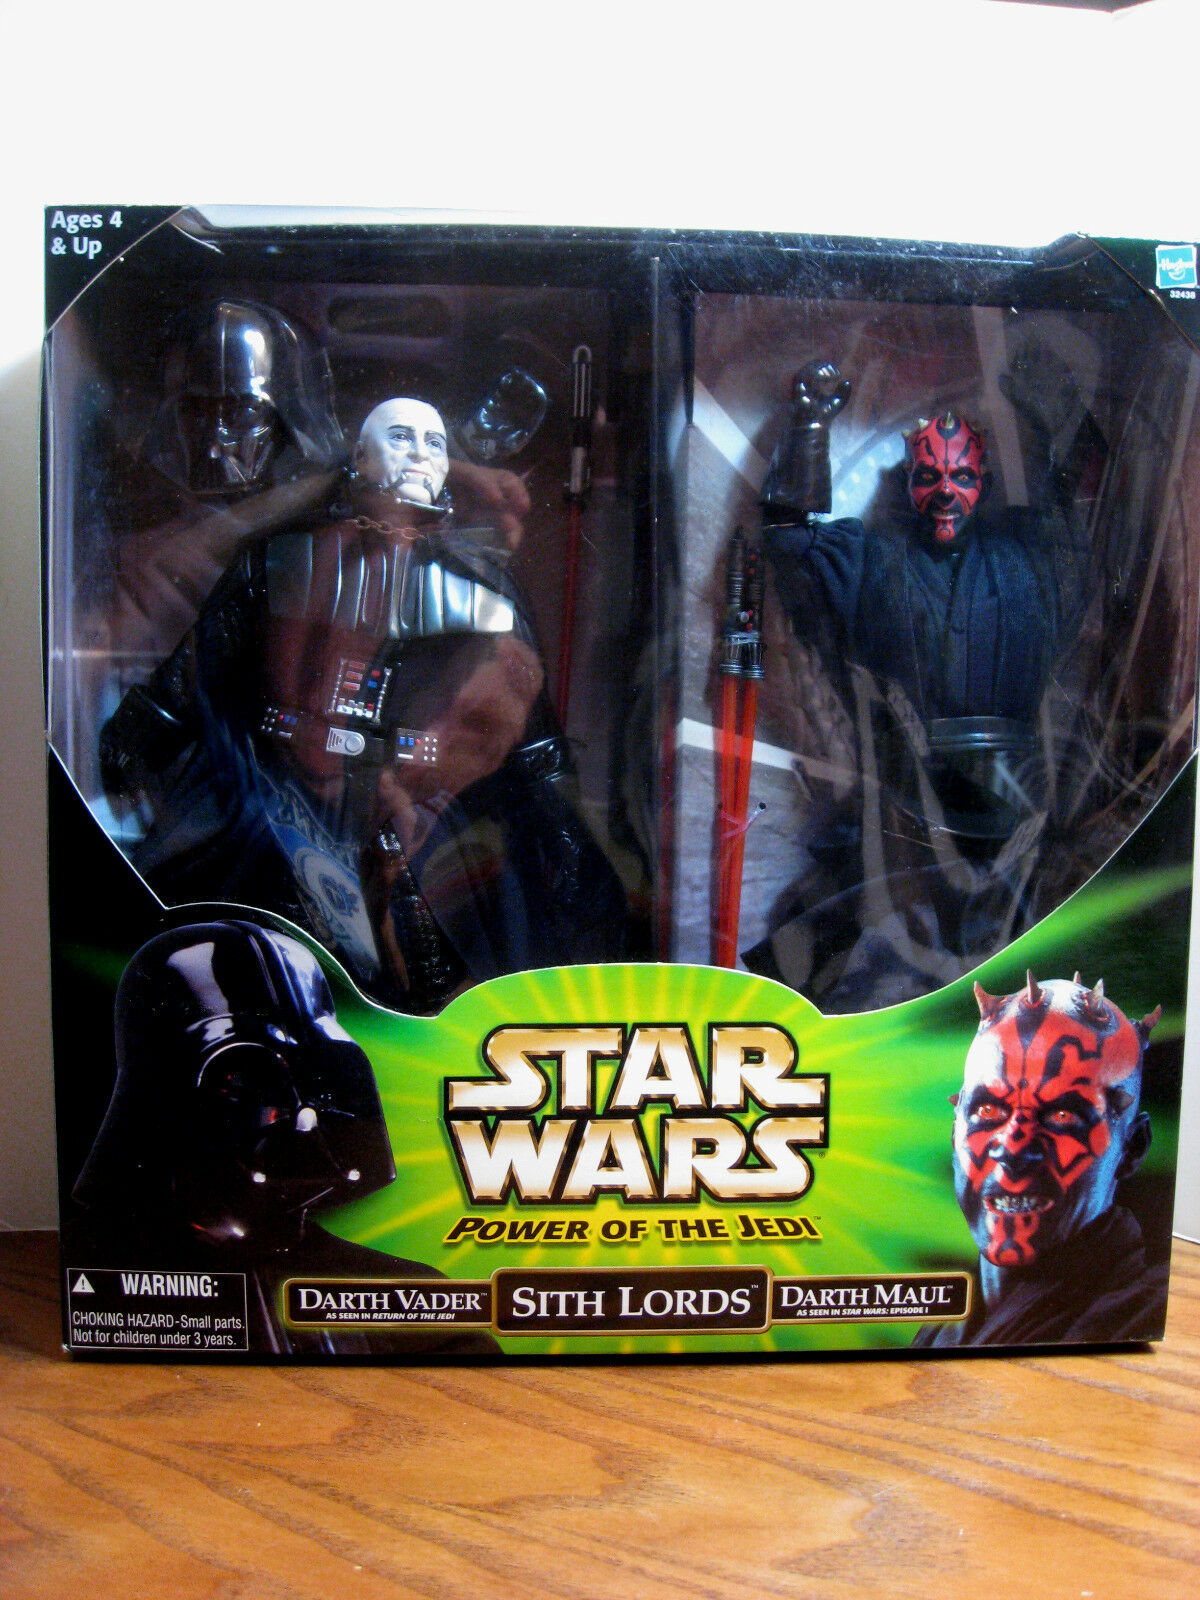 Star - wars - die macht der jedi - sith - lords - 12  darth vader und 12  darth maul